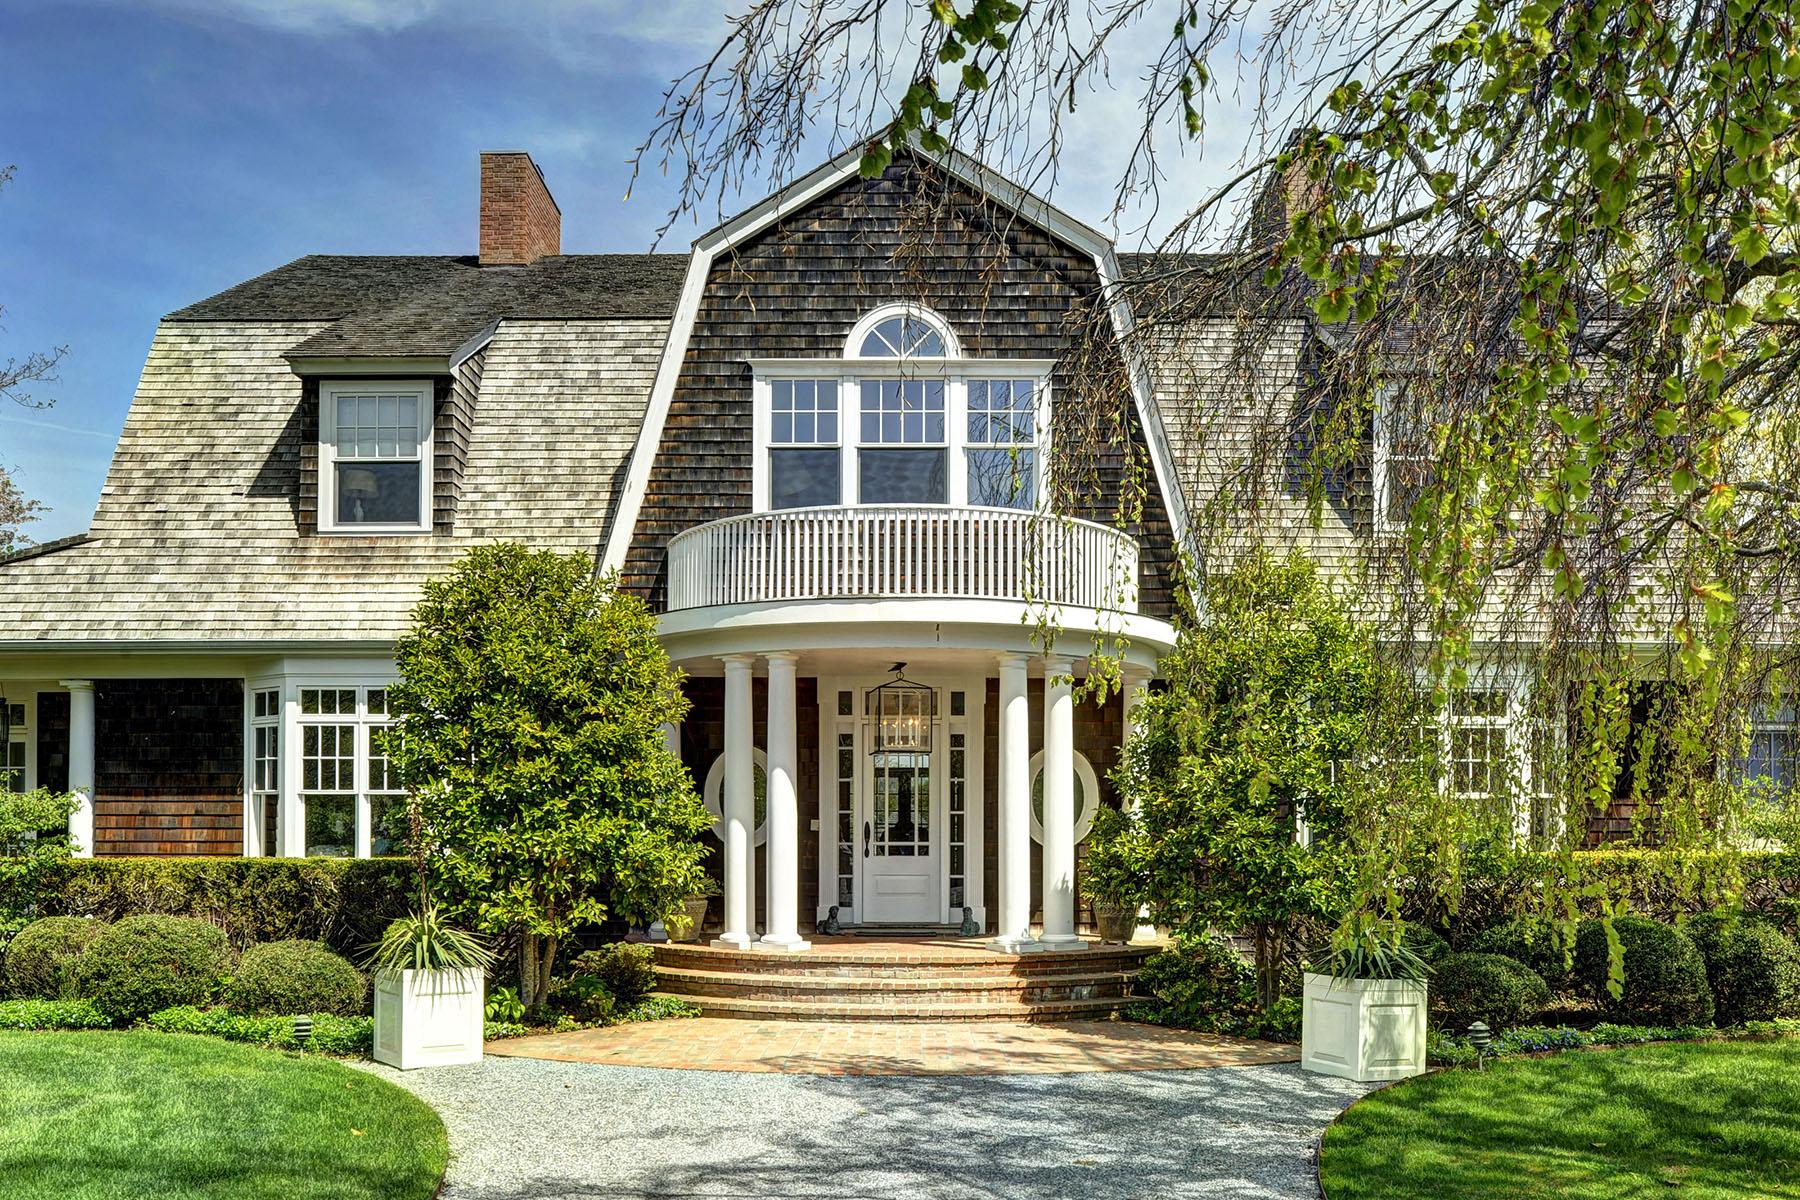 2015 East Hampton House & Garden Tour: \